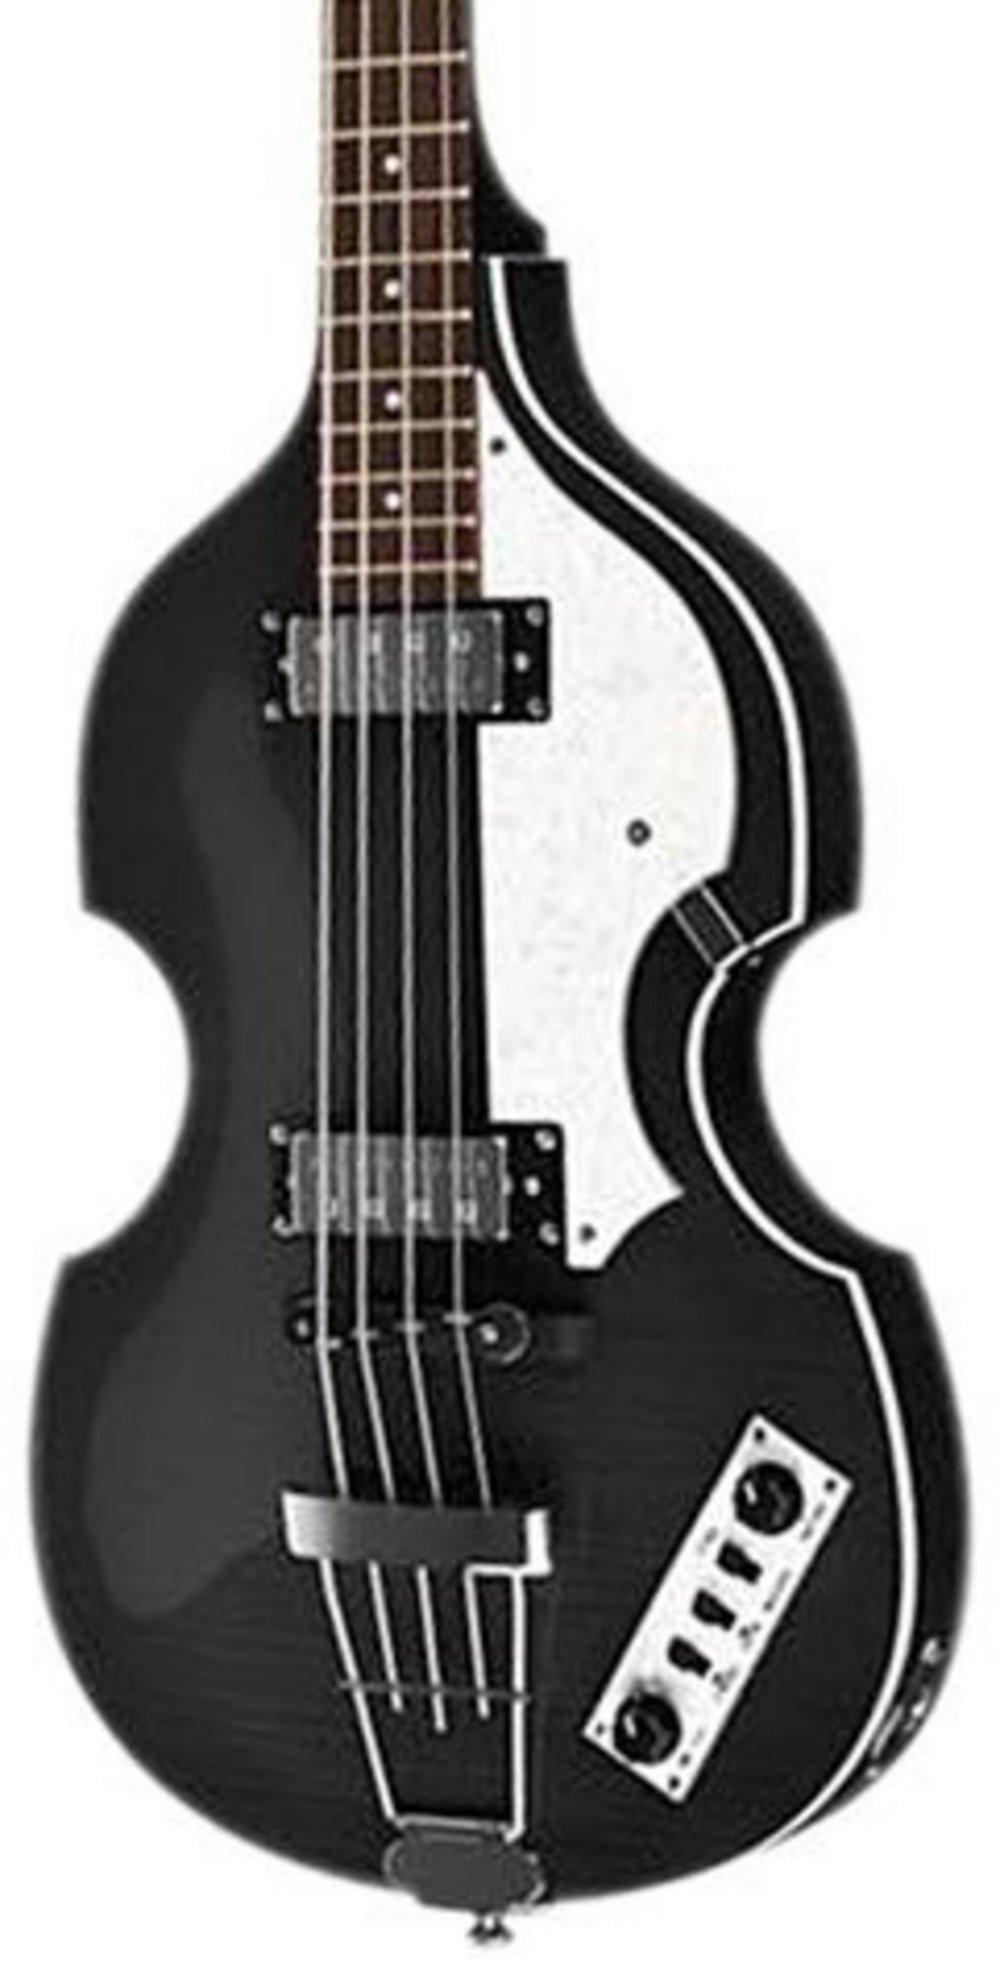 Hofner IGNITIONBK Ignition Electric Violin Bass Guitar, Rosewood Fingerboard, Black Finish by Hofner